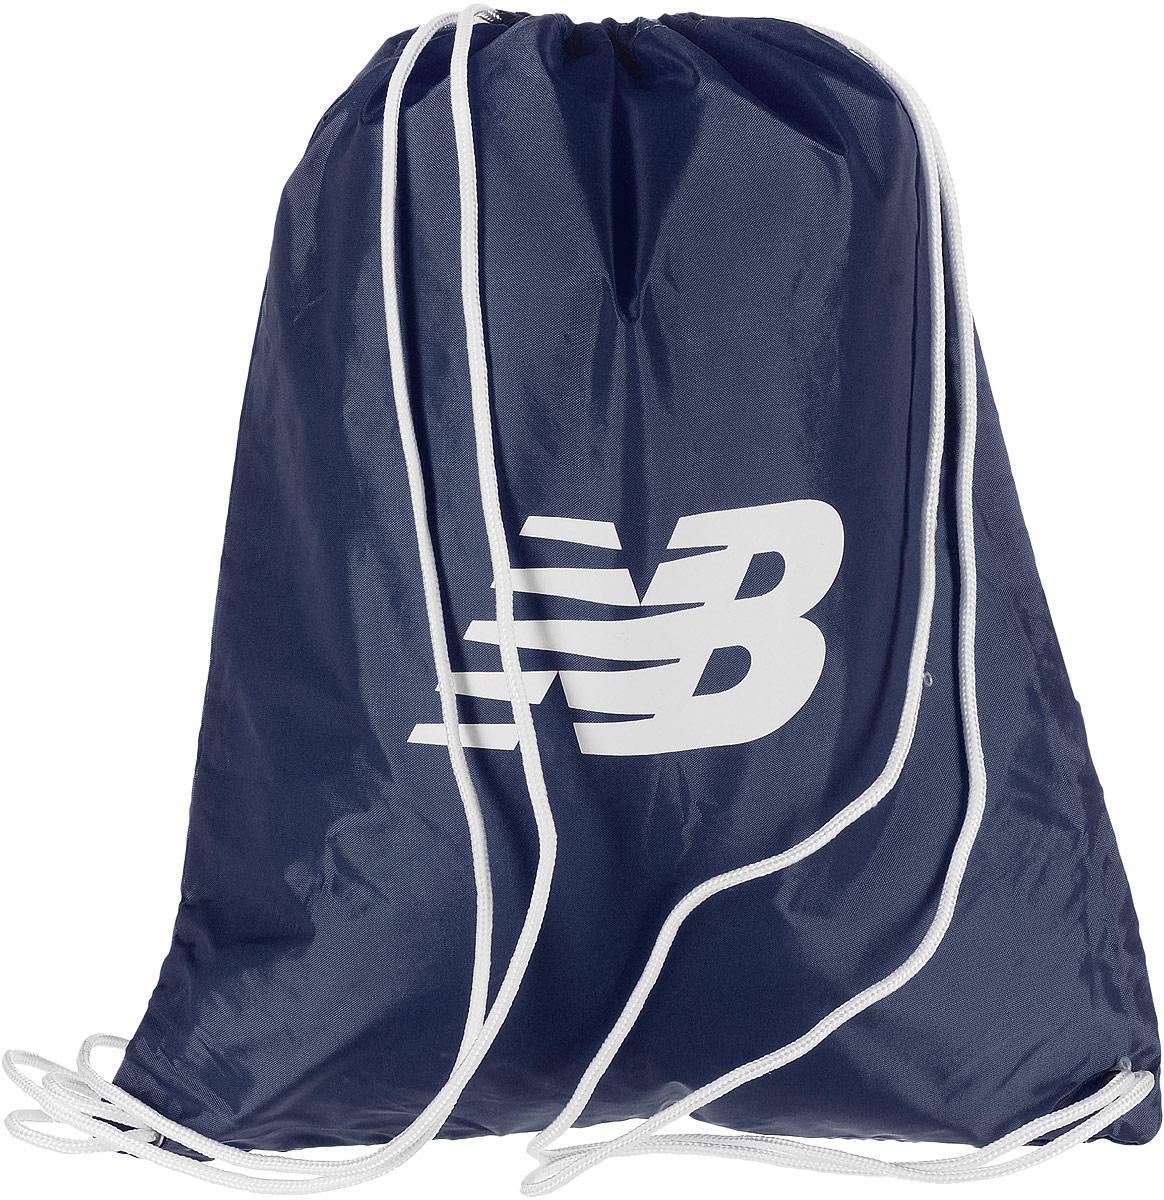 Рюкзак New Balance Cinch Sack, цвет: темно-синий. 500006/NW3-47670-00504Стильный спортивный рюкзак New Balance Cinch Sack выполнен из нейлона и оформлен символикой бренда. Изделие имеет одно основное отделение, которое закрывается с помощью затягивающего шнурка.Веревочные завязки можно использовать как наплечные лямки. Стильный и функциональный рюкзак поместит все необходимое.